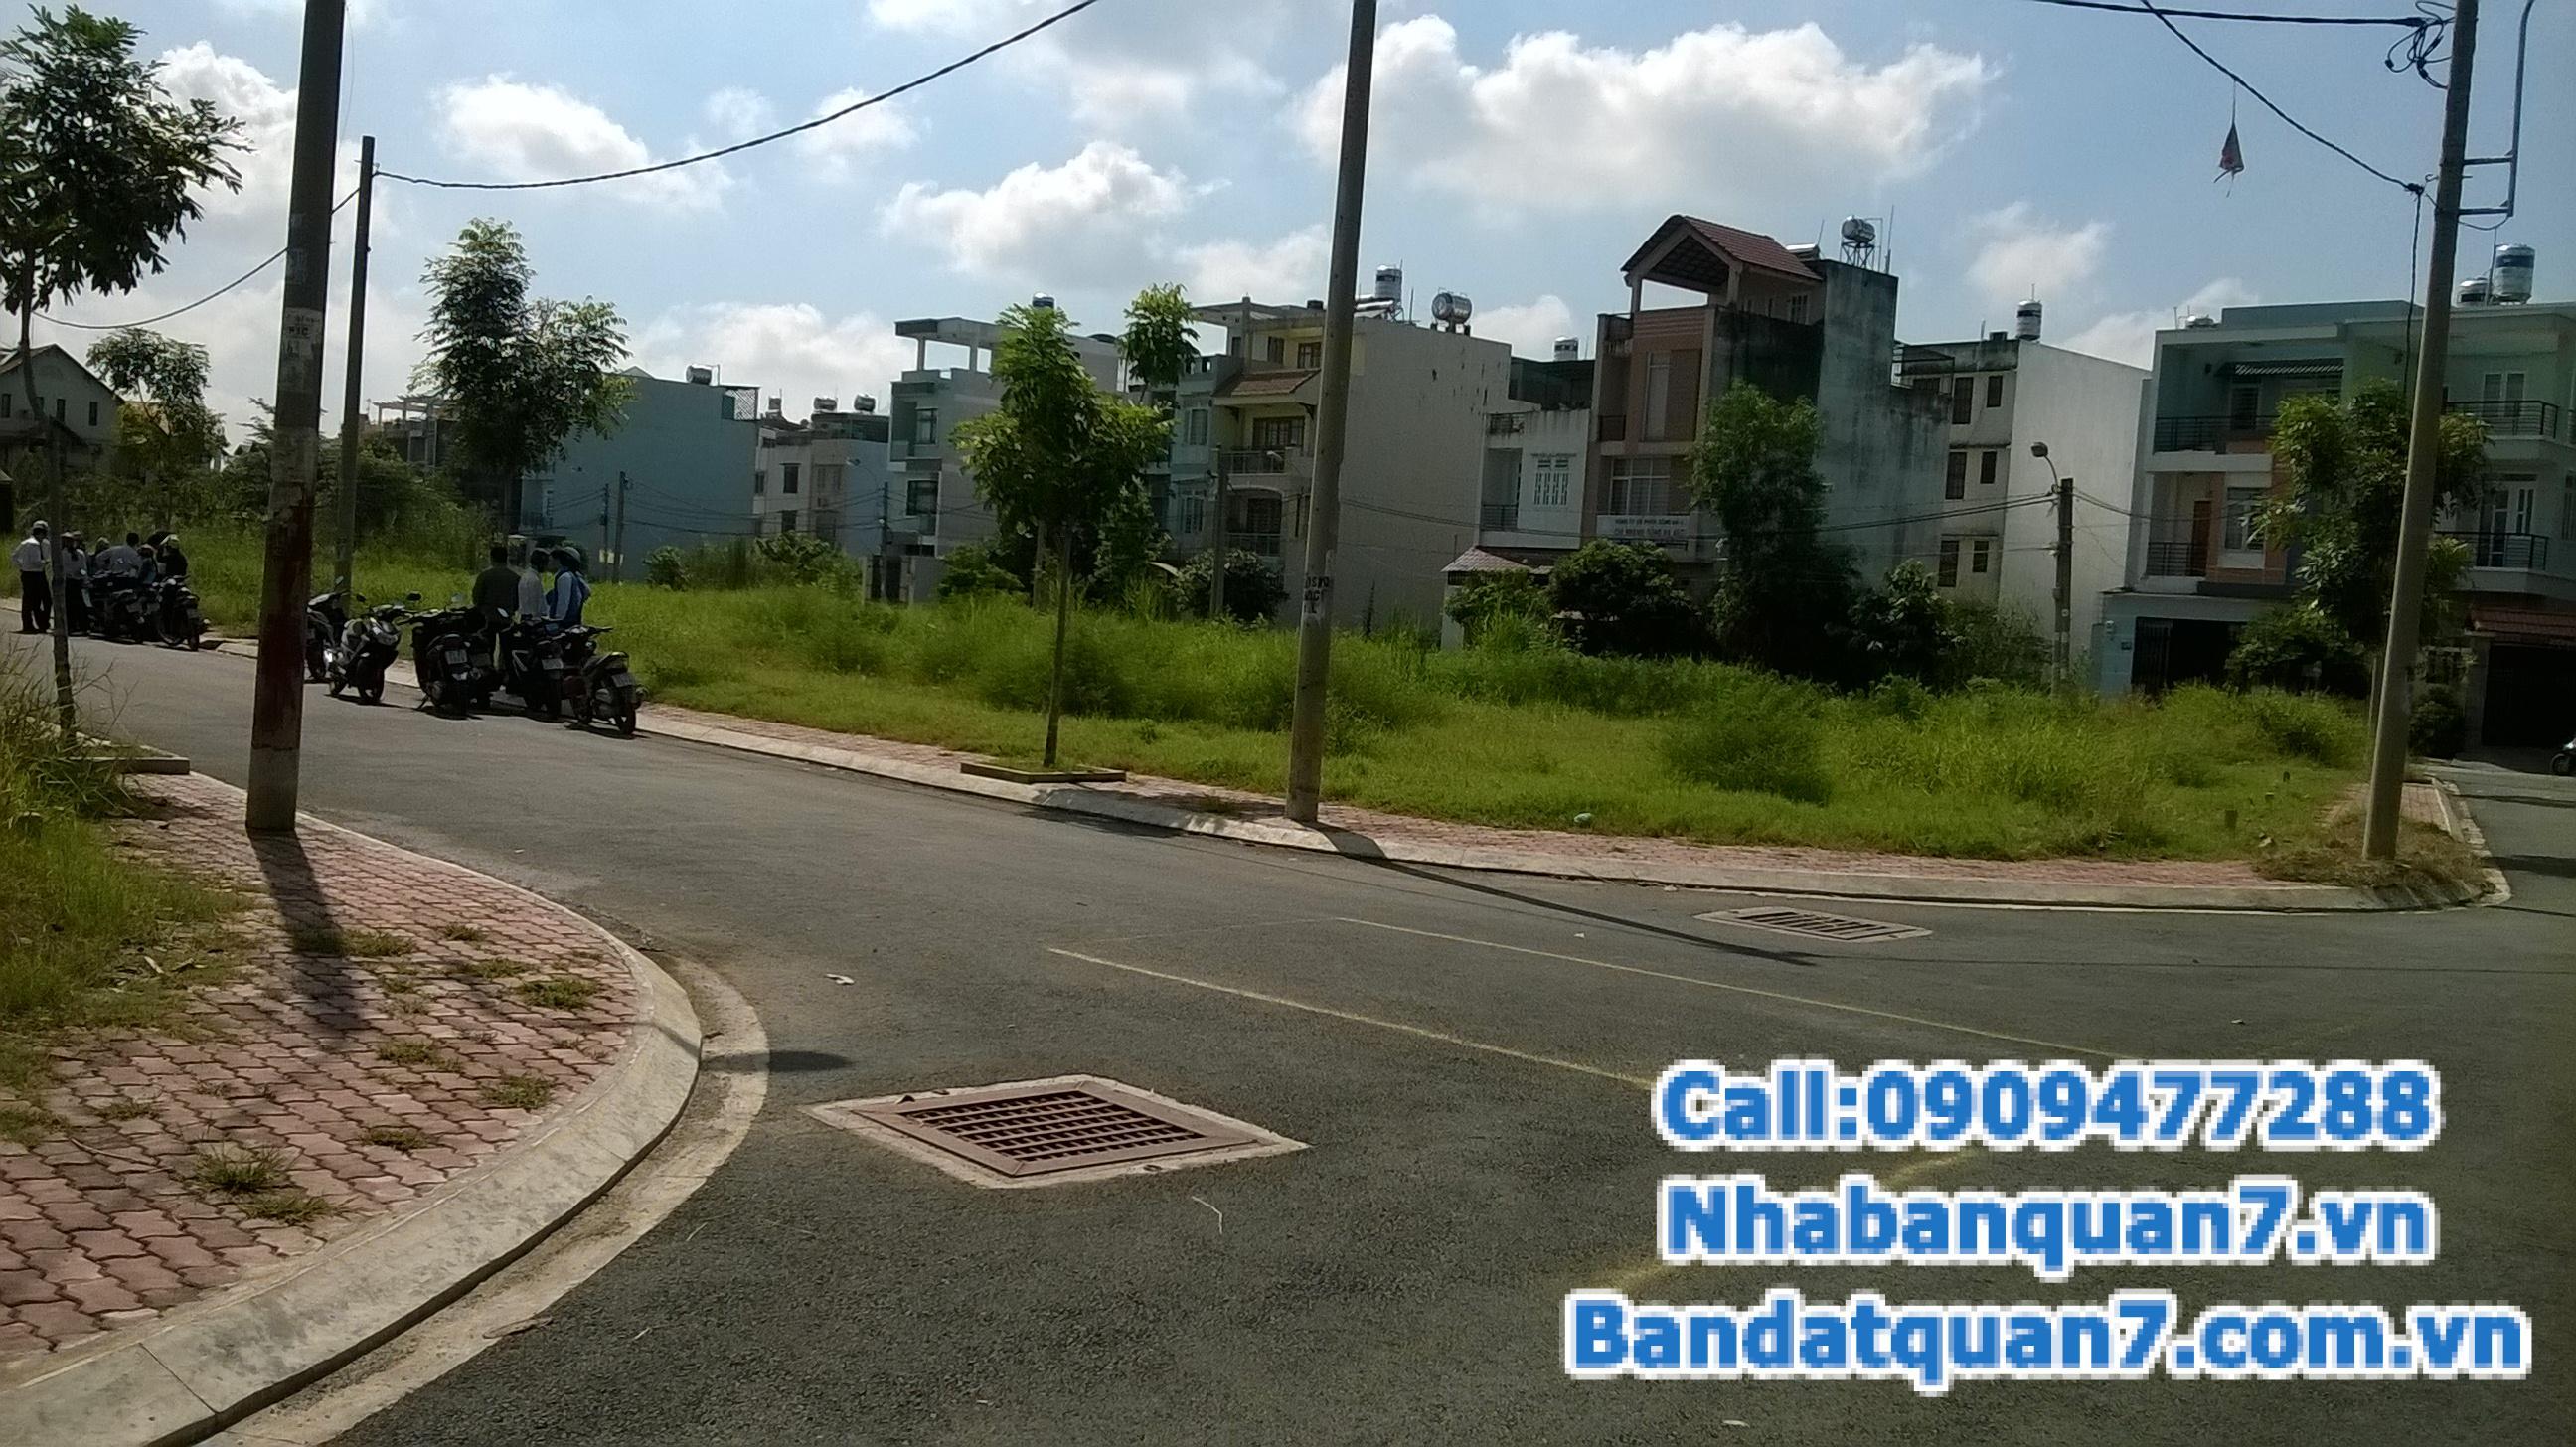 Bán nhiều lô đất khu dân cư Kiều Đàm P Tân Hưng, quận 7, DT: 5.4x15m, giá 3.6 tỷ TL